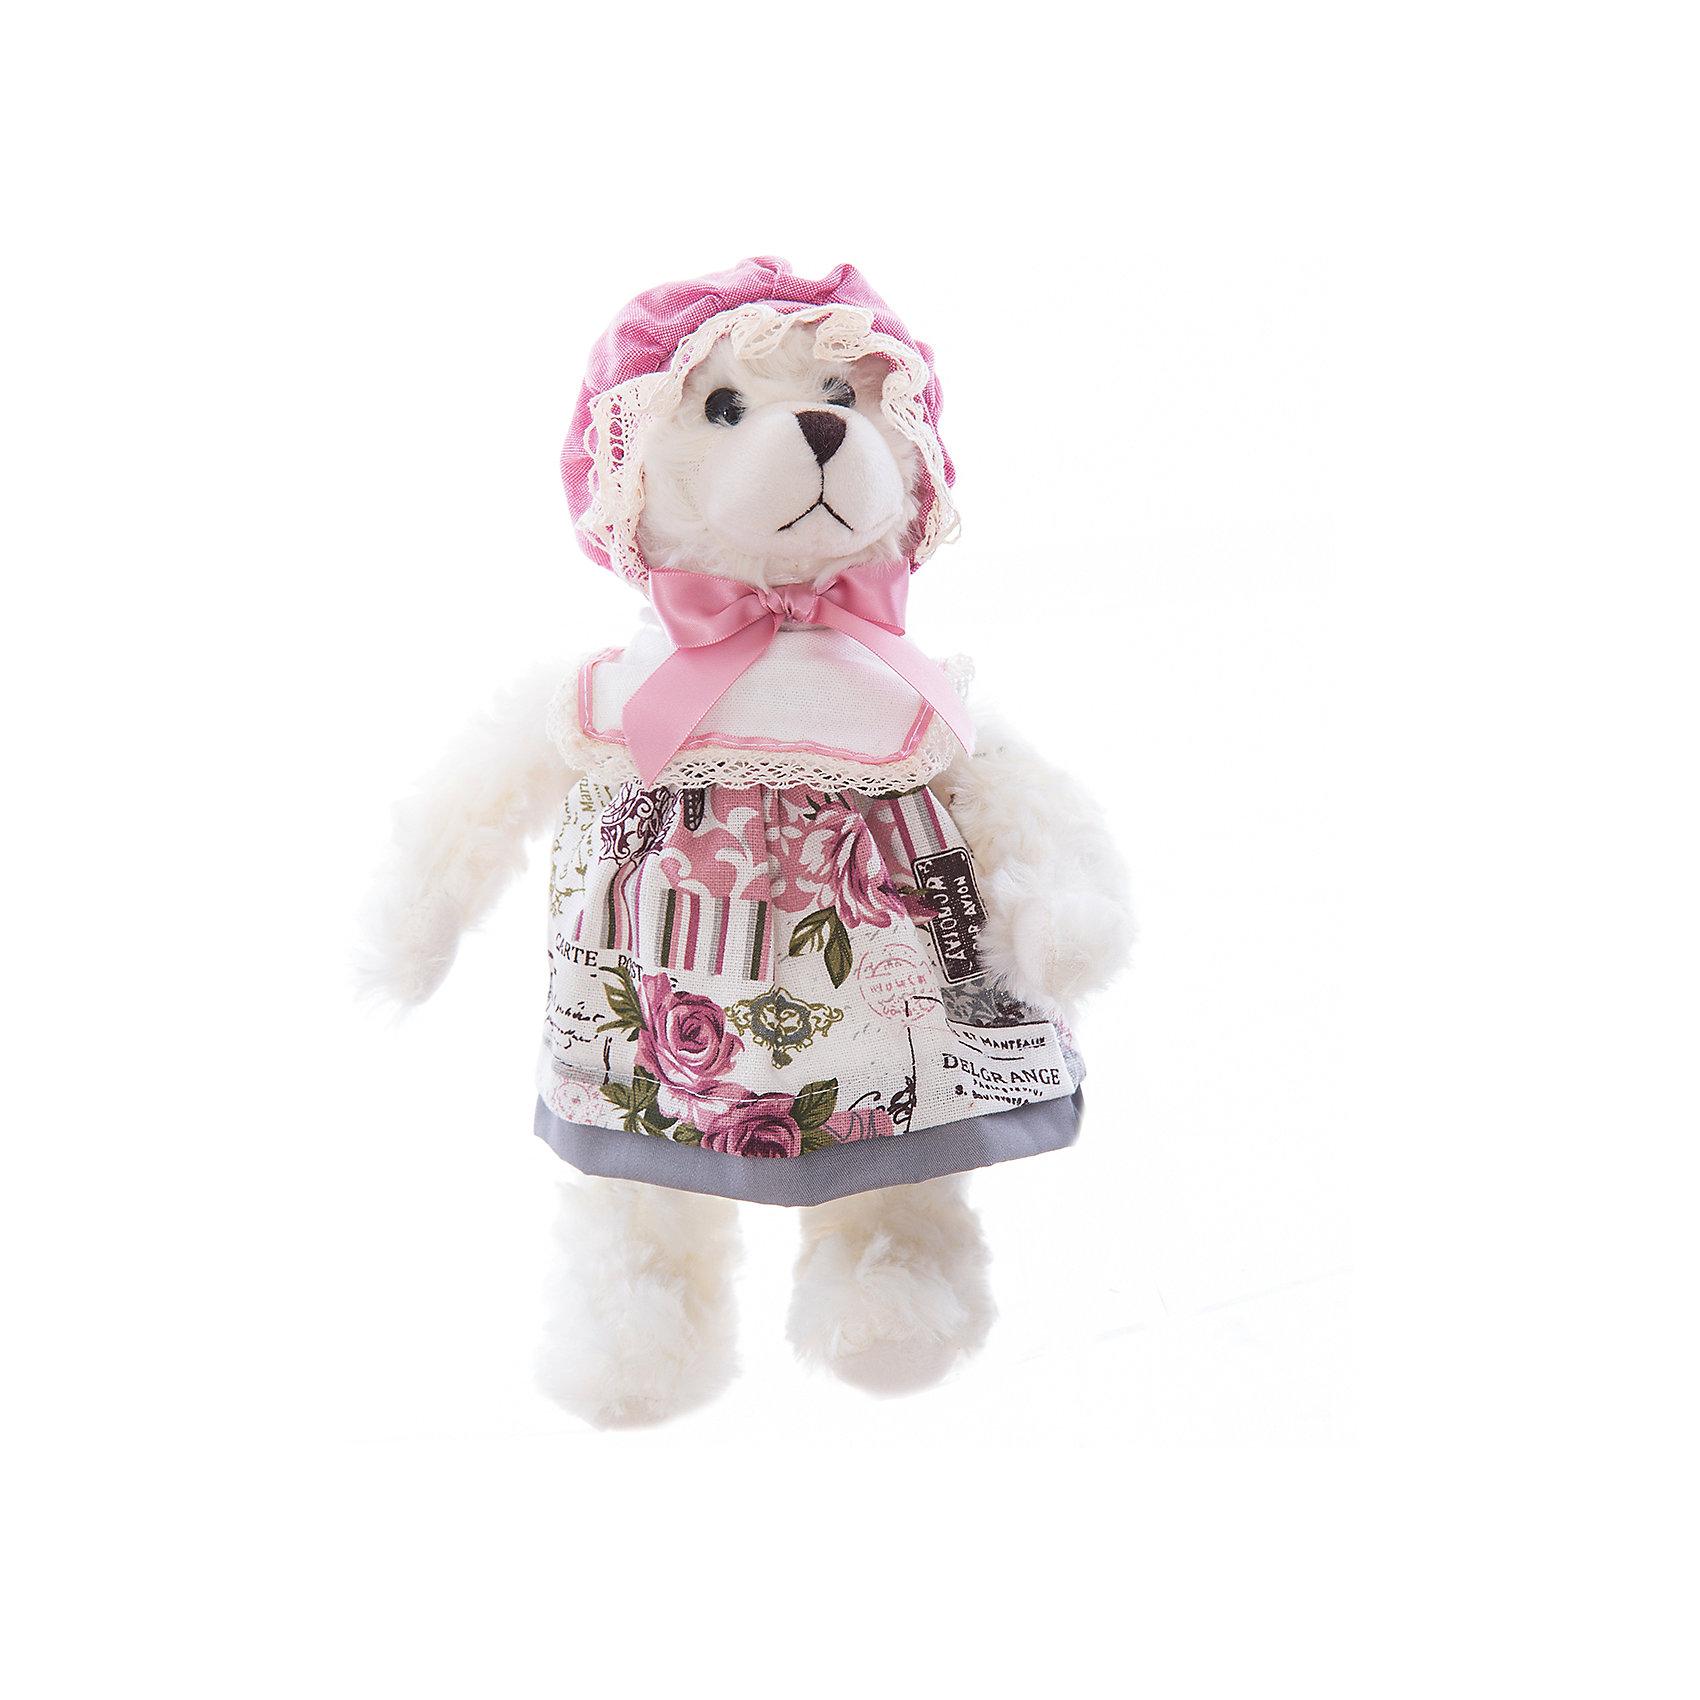 Интерьерная кукла Мишка C21-128273, EstroХарактеристики интерьерной куклы:<br><br>- размеры (высота): 30 см. <br>- тип игрушки: животные, мягкая игрушка<br>- персонаж: медведь <br>- вид упаковки: коробка<br>- возрастные ограничения: 3+<br>- комплектация: игрушка <br>- состав: 100% полиэстр, набивка — полиэфирное волокно, платье — текстиль, без механизма.<br>- материал изготовления: высококачественный пластик, полиэстер, ткань<br>- стиль: классический, прованс<br>- бренд: Estro <br>- страна бренда: Италия<br>- страна производитель: Китай<br><br>Превосходный интерьерная кукла Медведь торговой марки Estro будет прекрасным решением для домашнего интерьера. Эта вещь будет удачным приобретением для Вашей квартиры или презентом на свадьбу. Внешний вид интерьерная куклы основательно проработан. Все составляющие аккуратно выбраны и хорошо подходят друг к другу. <br><br>Интерьерную куклу медвежонок итальянской торговой марки Estro можно купить в нашем интернет-магазине.<br><br>Ширина мм: 100<br>Глубина мм: 100<br>Высота мм: 300<br>Вес г: 180<br>Возраст от месяцев: 36<br>Возраст до месяцев: 1188<br>Пол: Женский<br>Возраст: Детский<br>SKU: 5356617